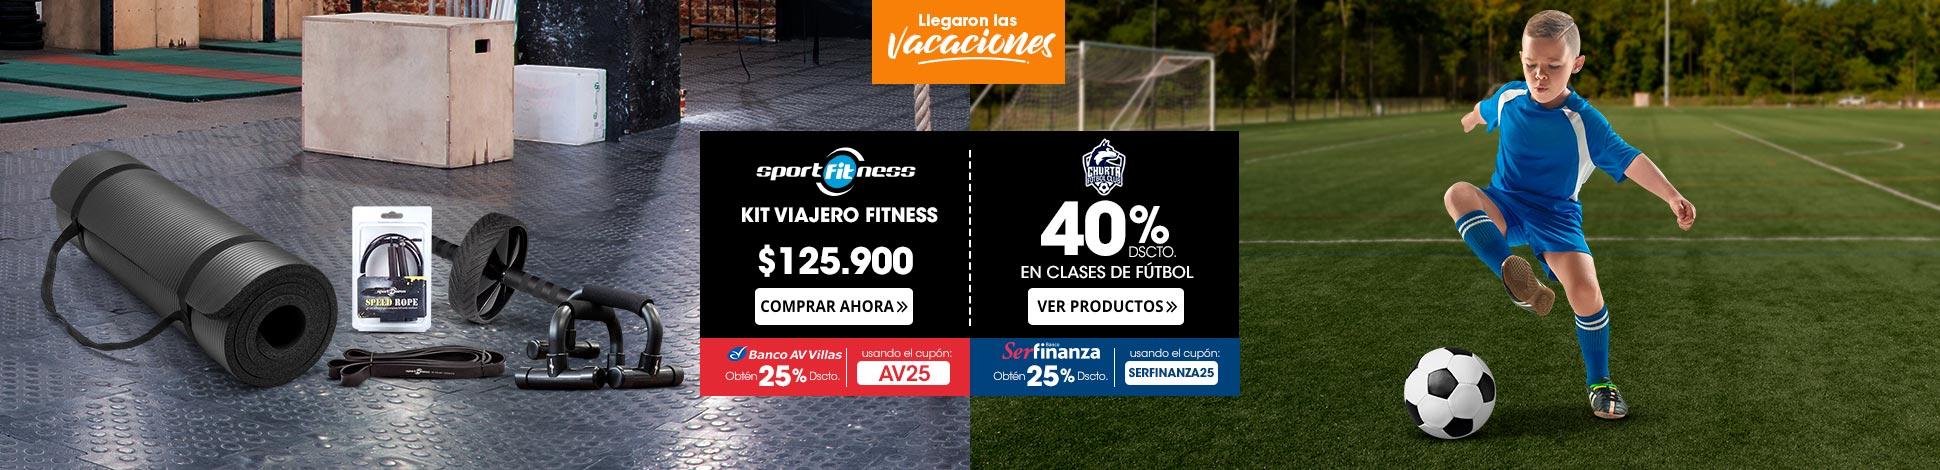 HS-Sportfitness-ChurtaClub.jpg | Juntoz.com